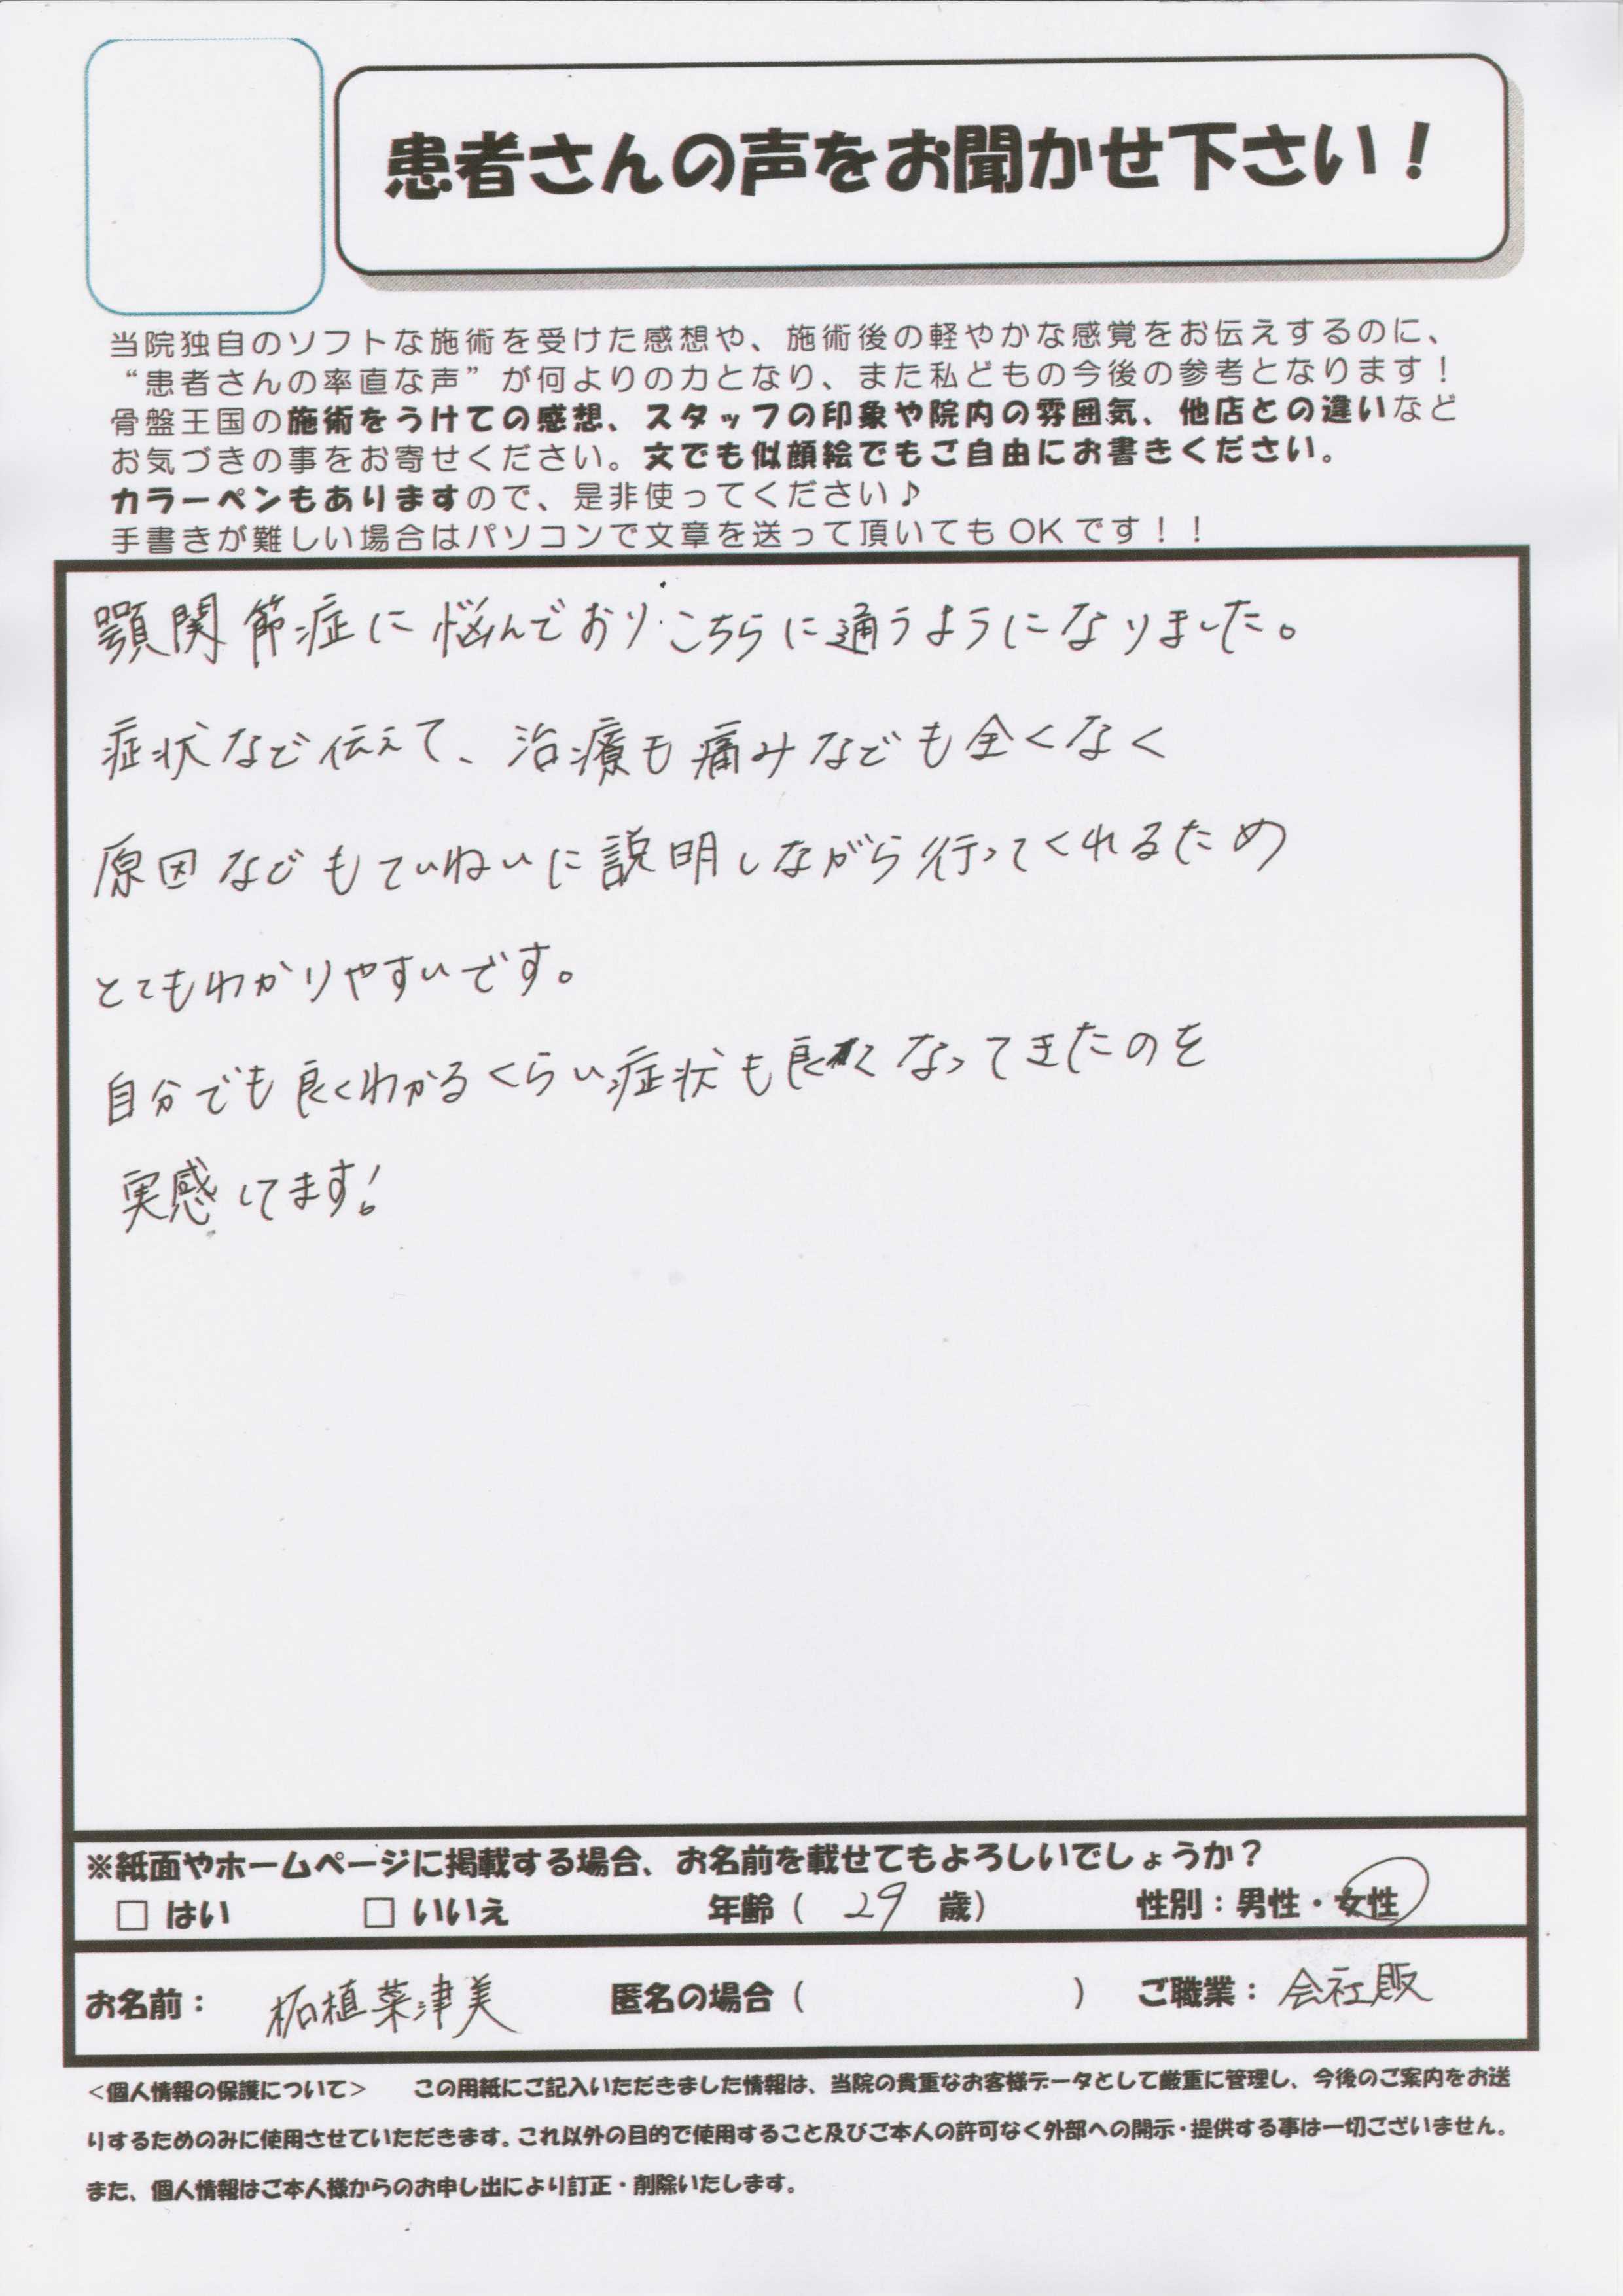 渋谷9-25 顎関節症の原因も丁寧に教えてもらいました